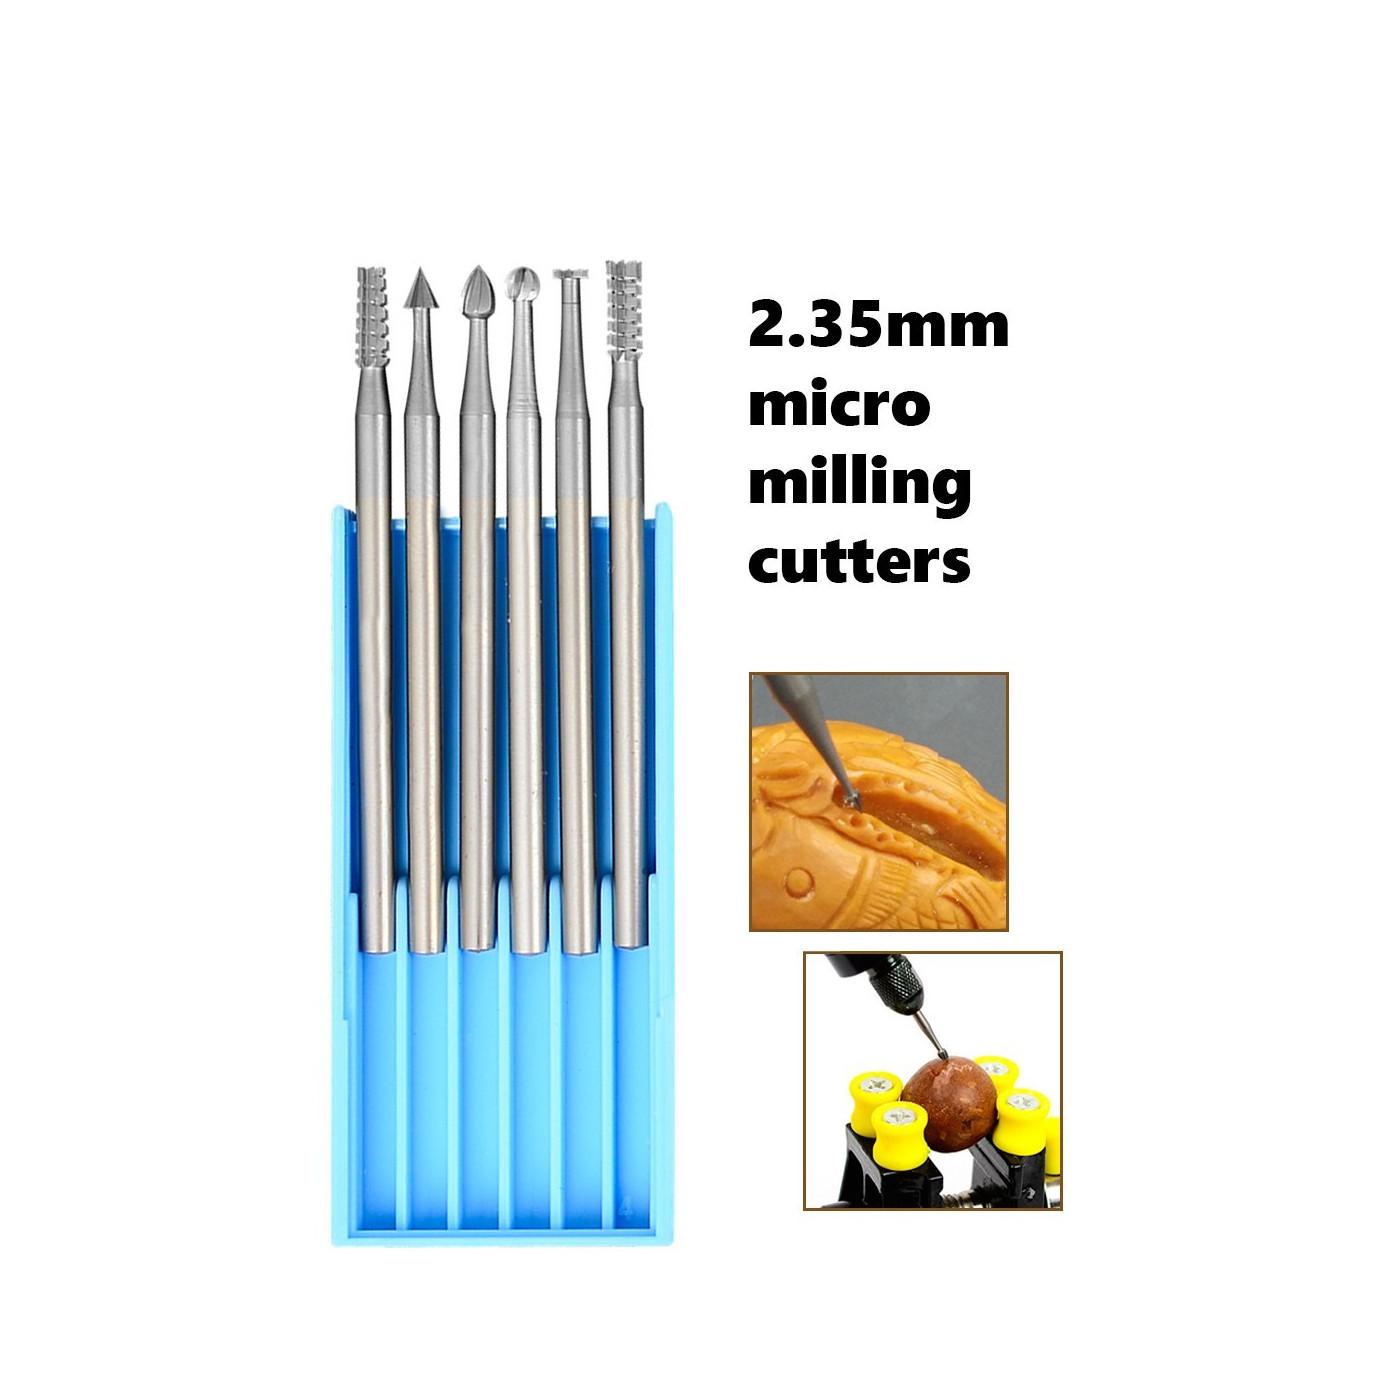 6 HSS mini milling cutters, 1.0x40mm, 2.35 shaft